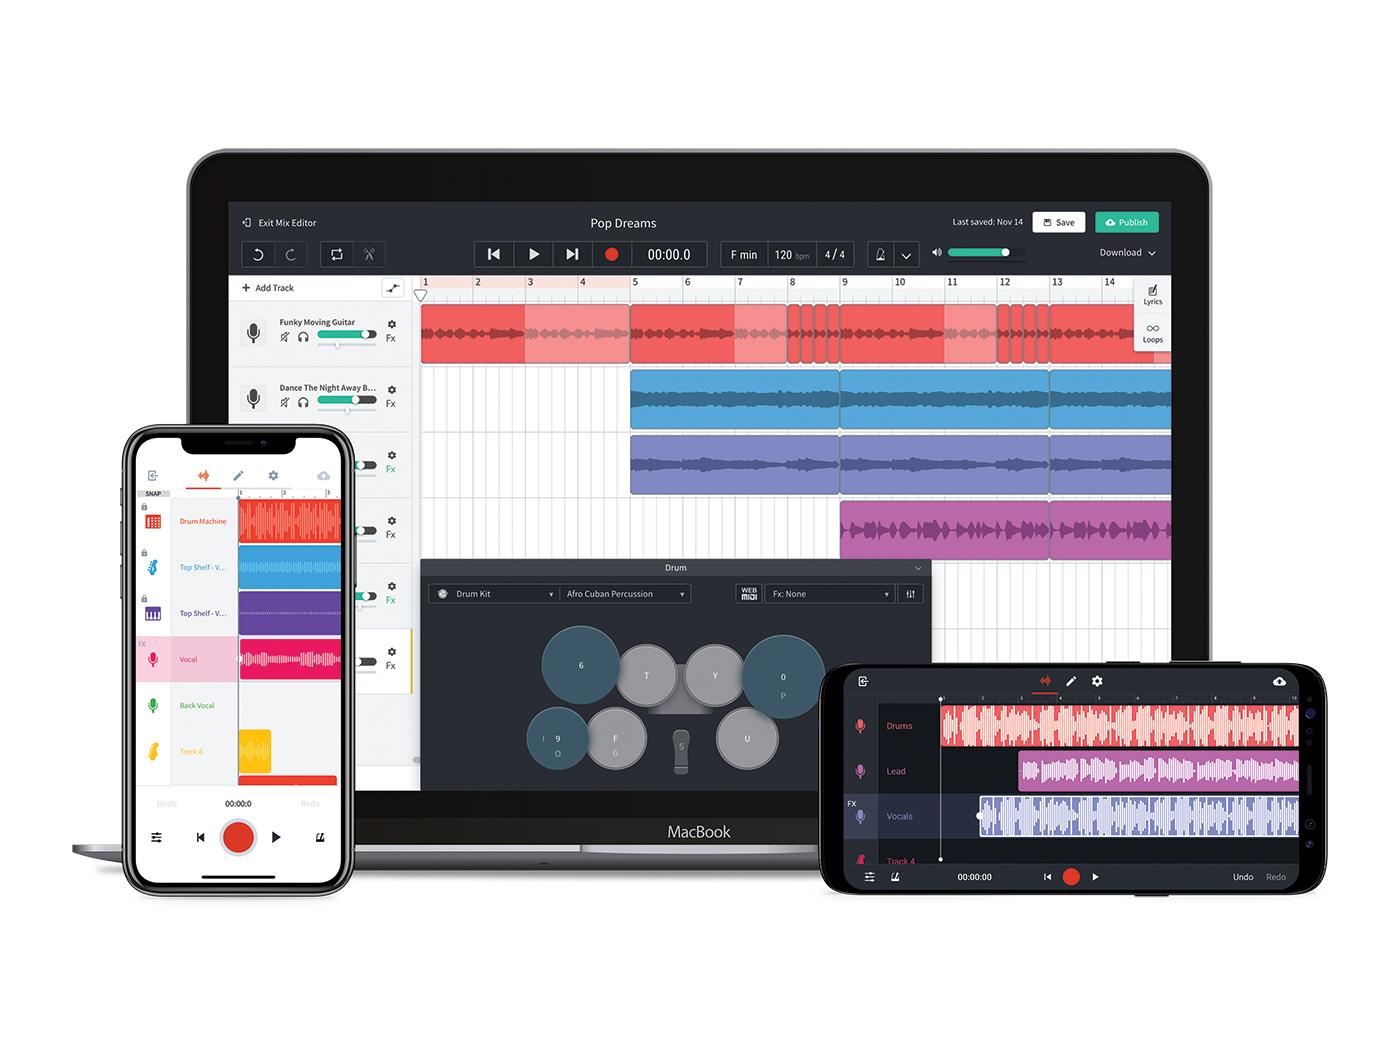 ابزار آهنگسازی آنلاین و رایگان